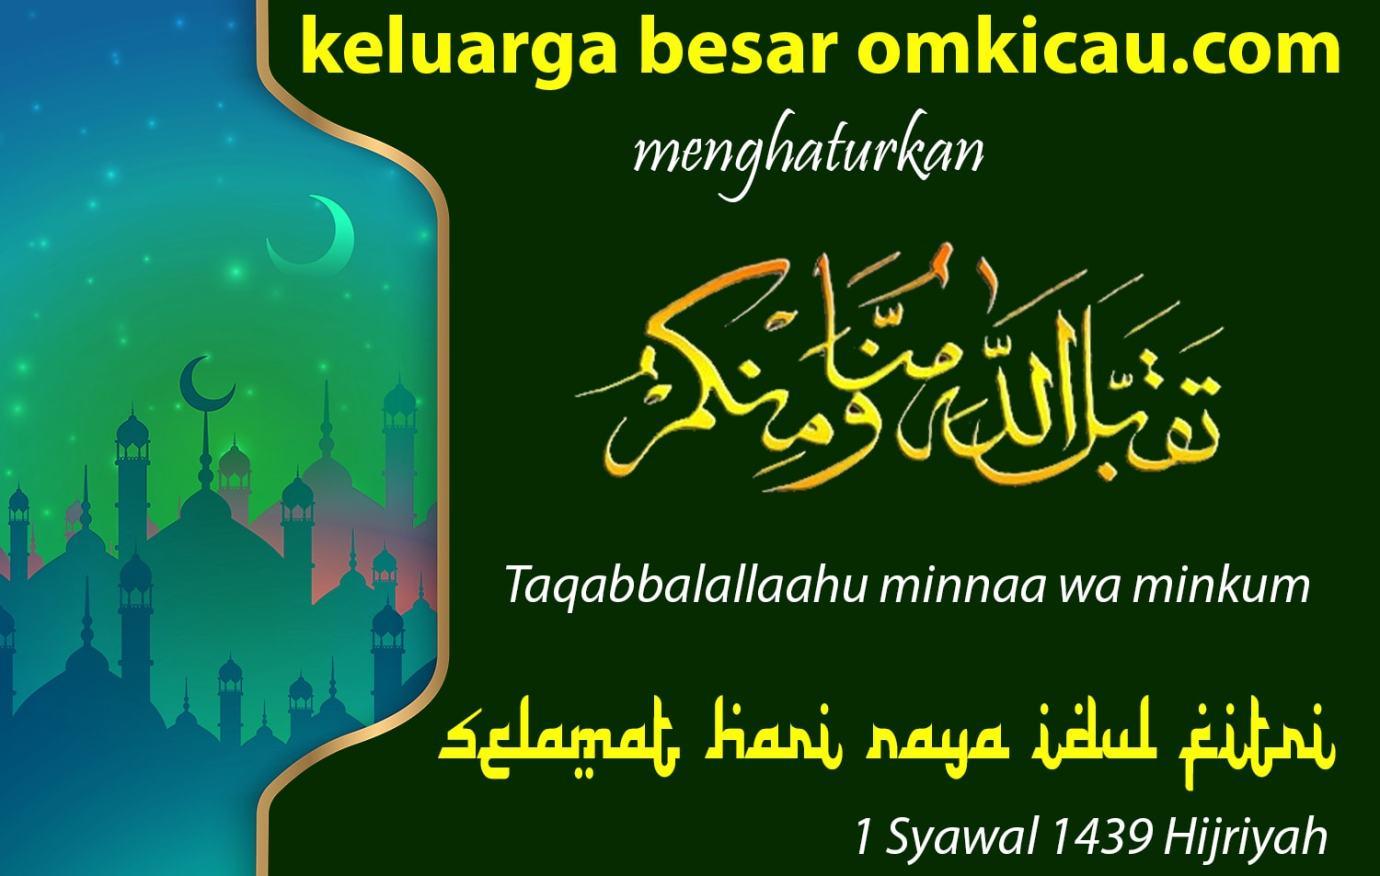 Selamat Hari Raya Idul Fitri 1 Syawal 1439 Hijriyah Om Kicau